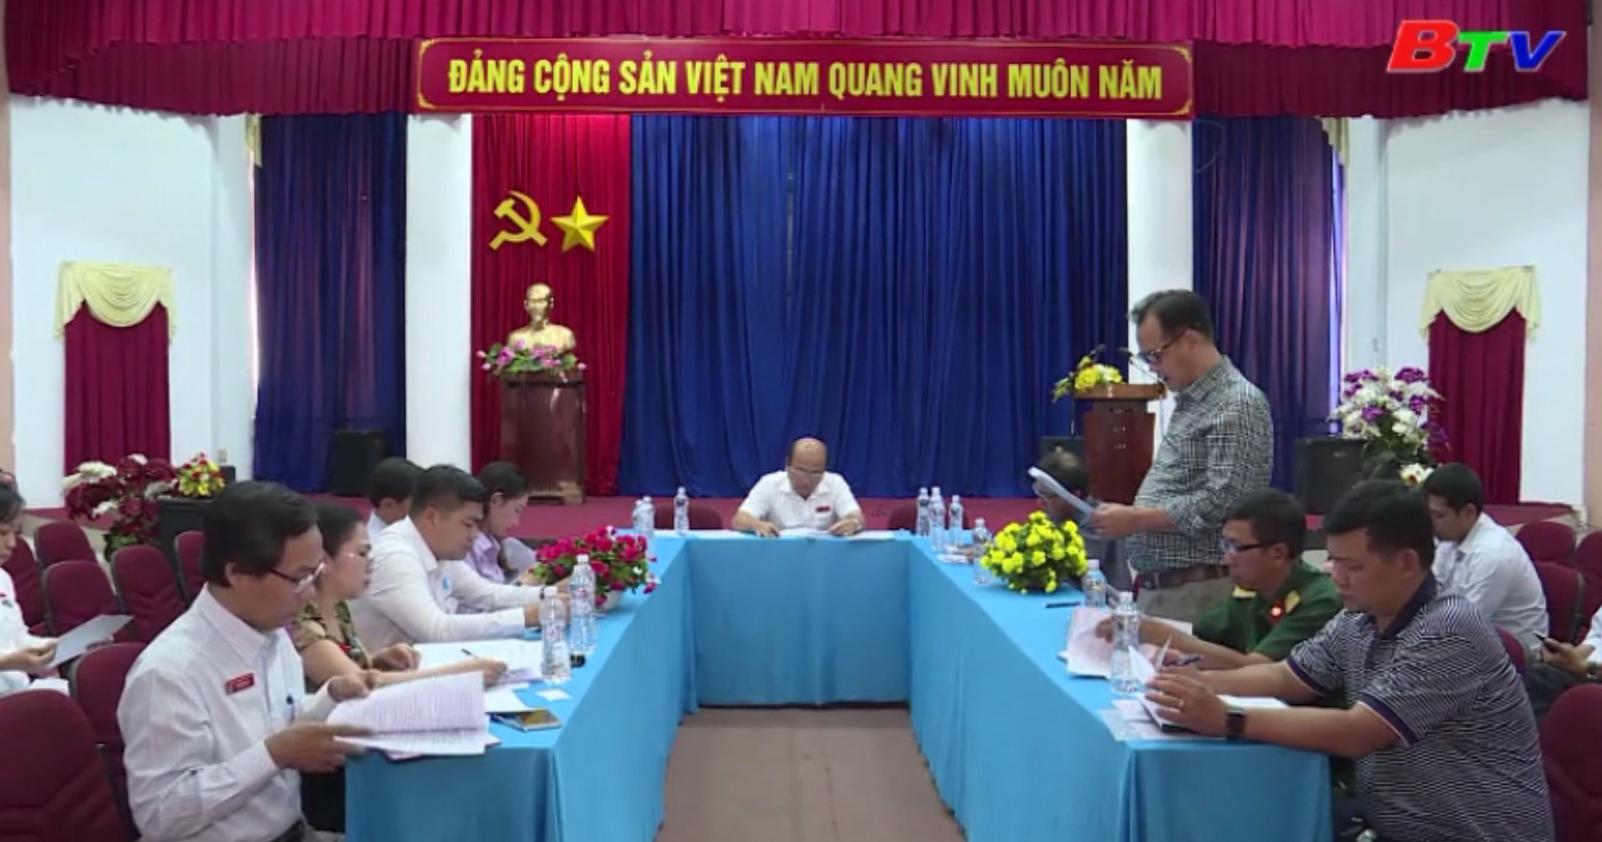 Họp triển khai kế hoạch tổ chức Giải Việt dã Chào năm mới BTV - Number 1 lần thứ XXI năm 2020